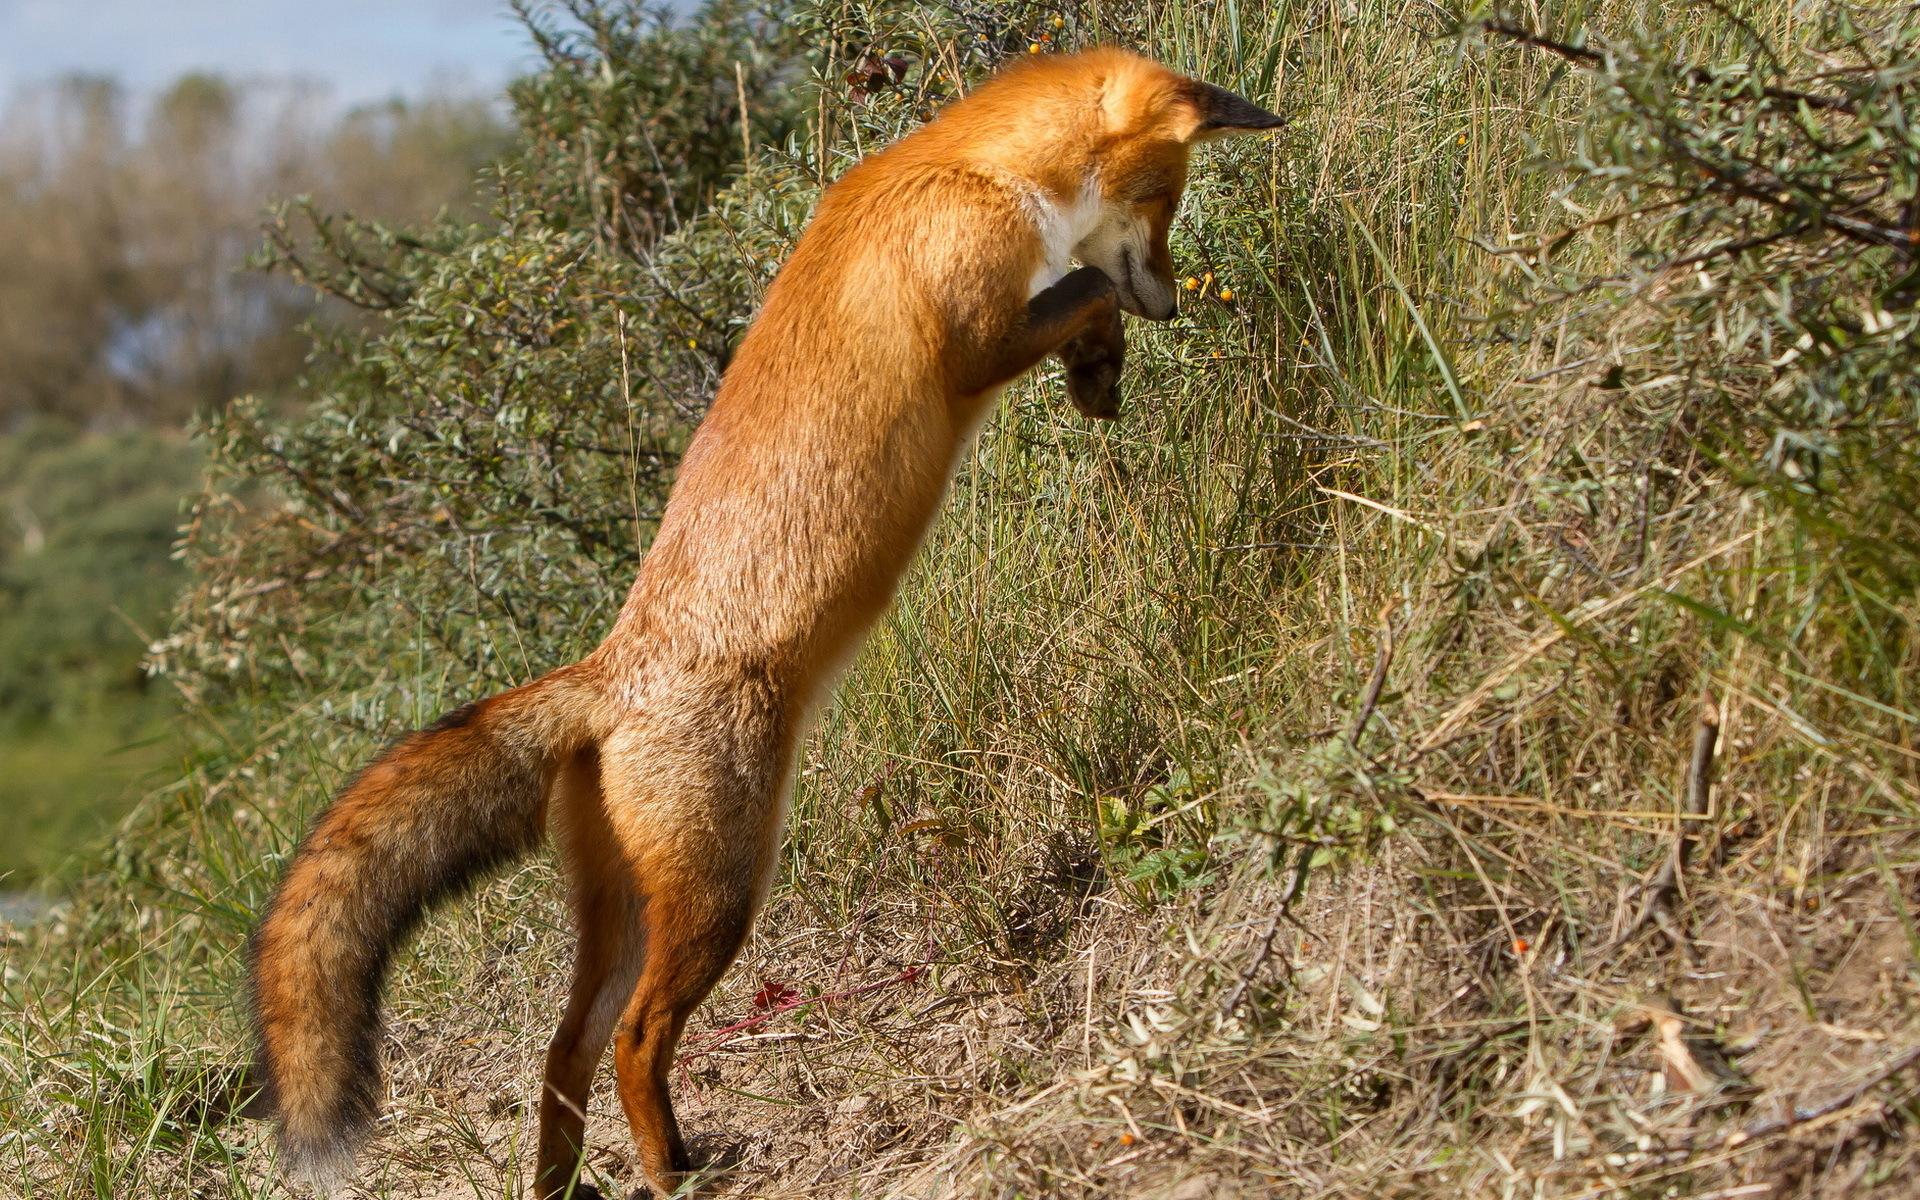 природа лиса животное трава бесплатно